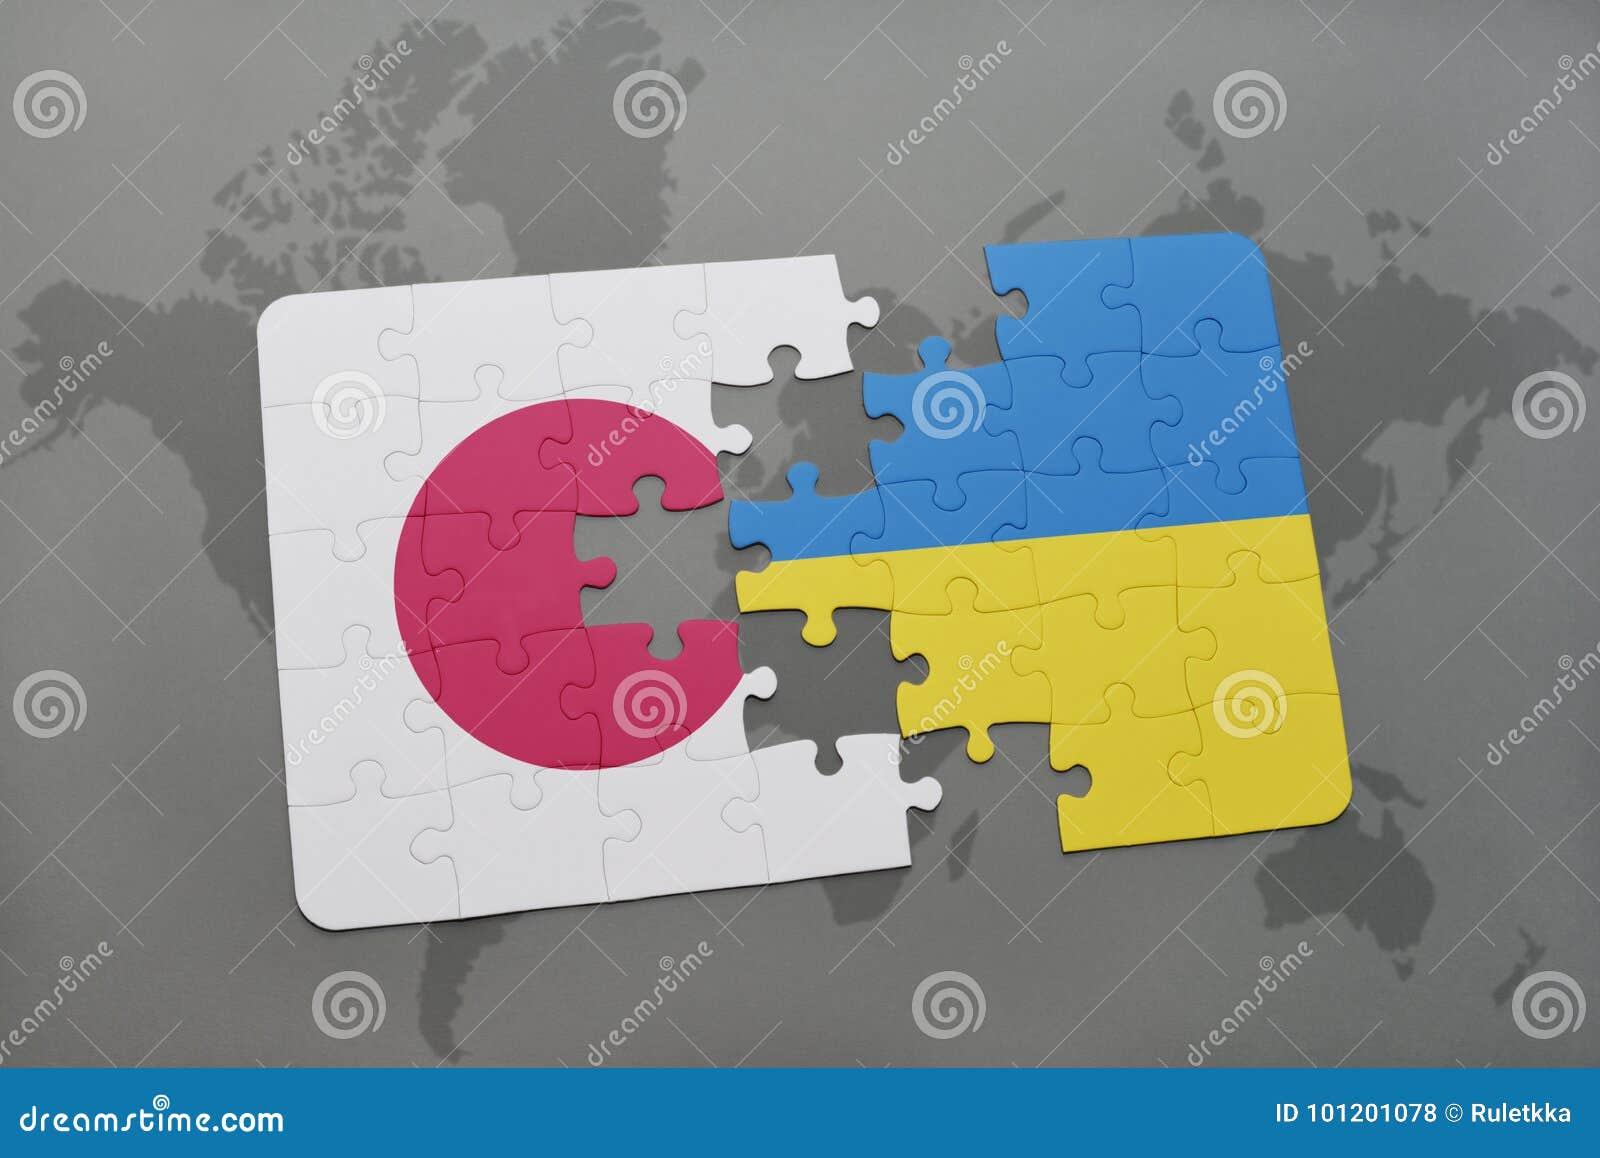 困惑与日本和乌克兰的国旗世界地图背景的